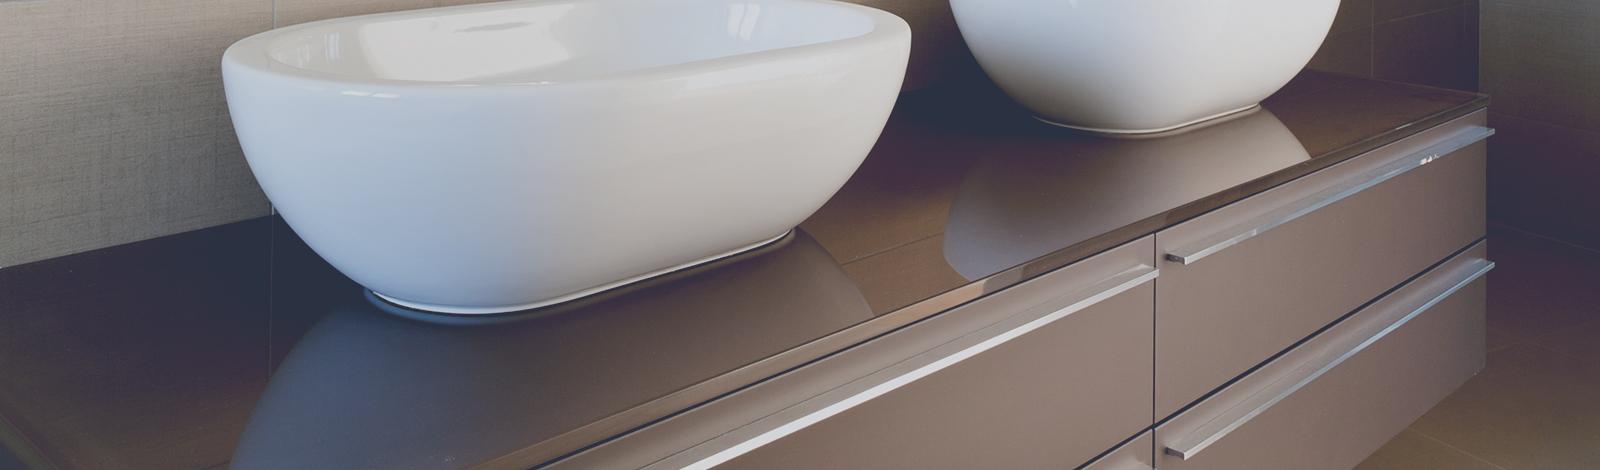 Armoires de cuisine et de salle de bain en acrylique fabrique plus - Contour de bain acrylique ...